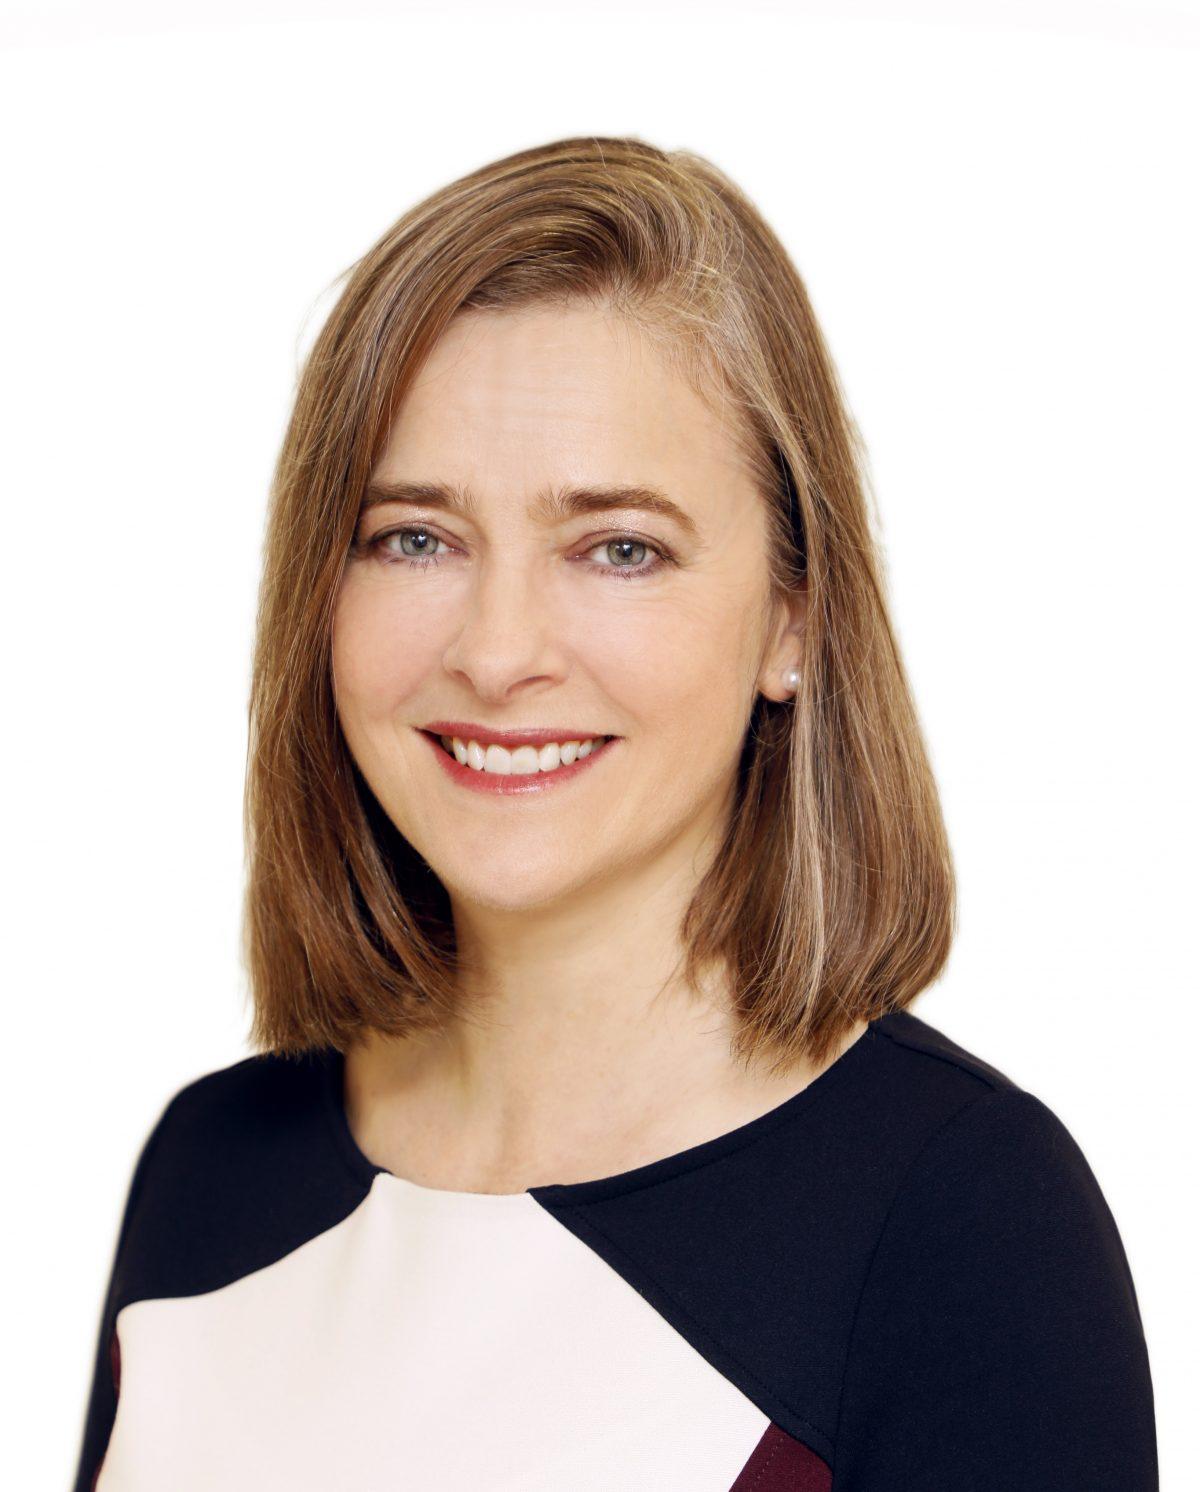 Jacqueline Mahon